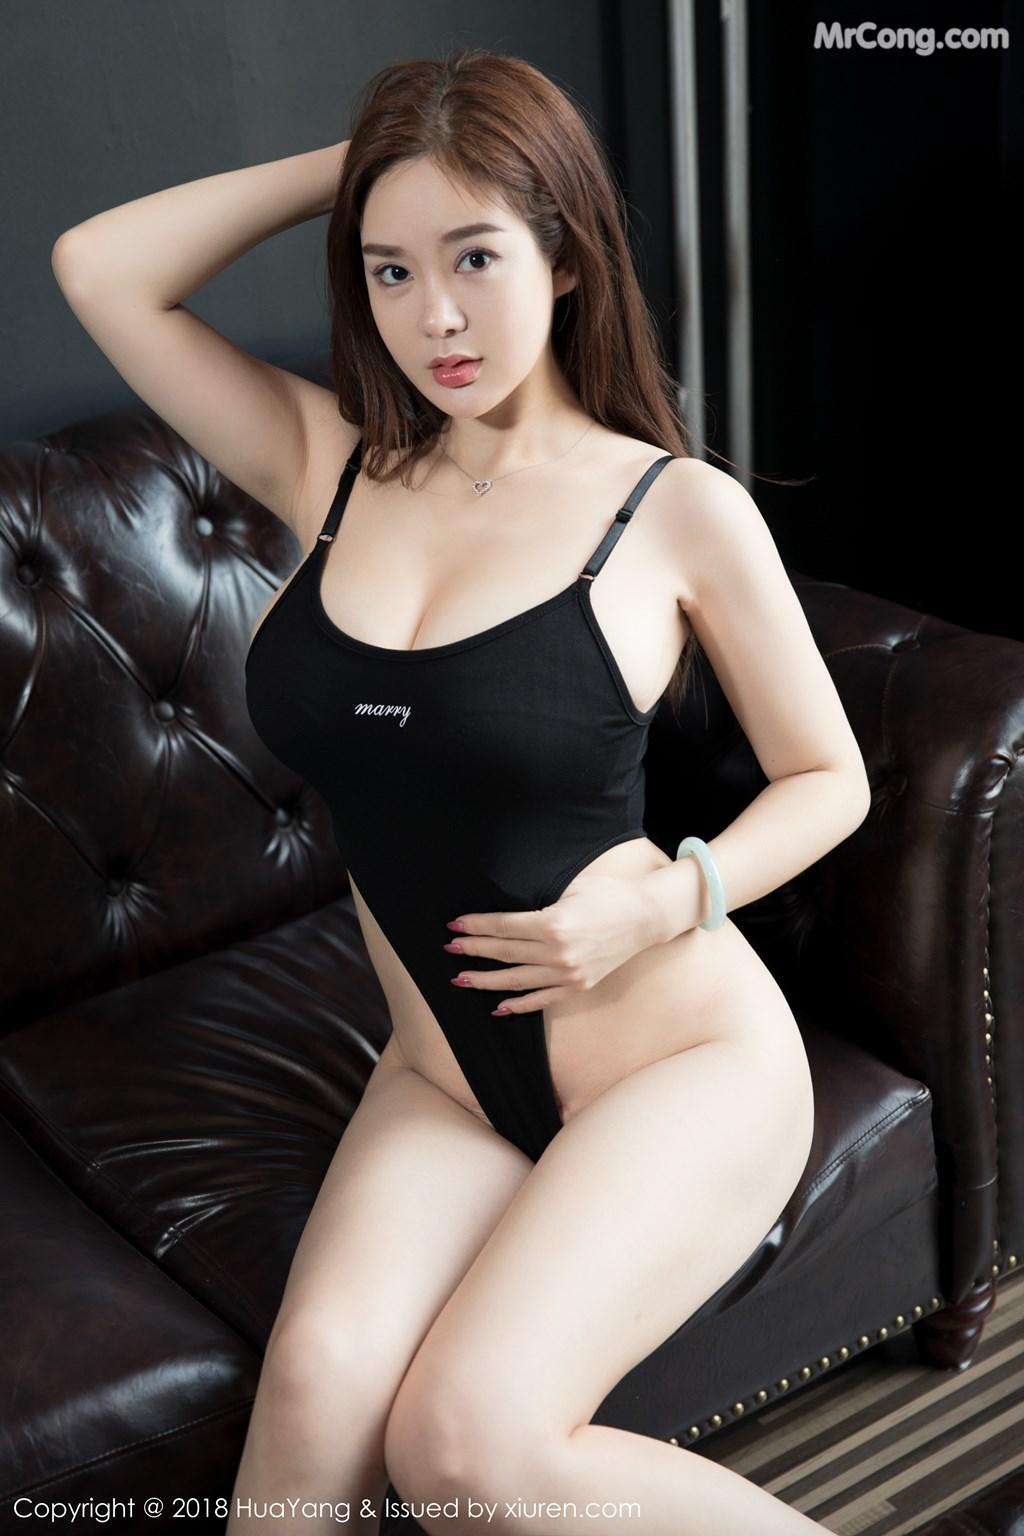 Image HuaYang-2018-08-09-Vol.068-Silvia-MrCong.com-012 in post HuaYang 2018-08-09 Vol.068: Người mẫu 易阳Silvia (41 ảnh)